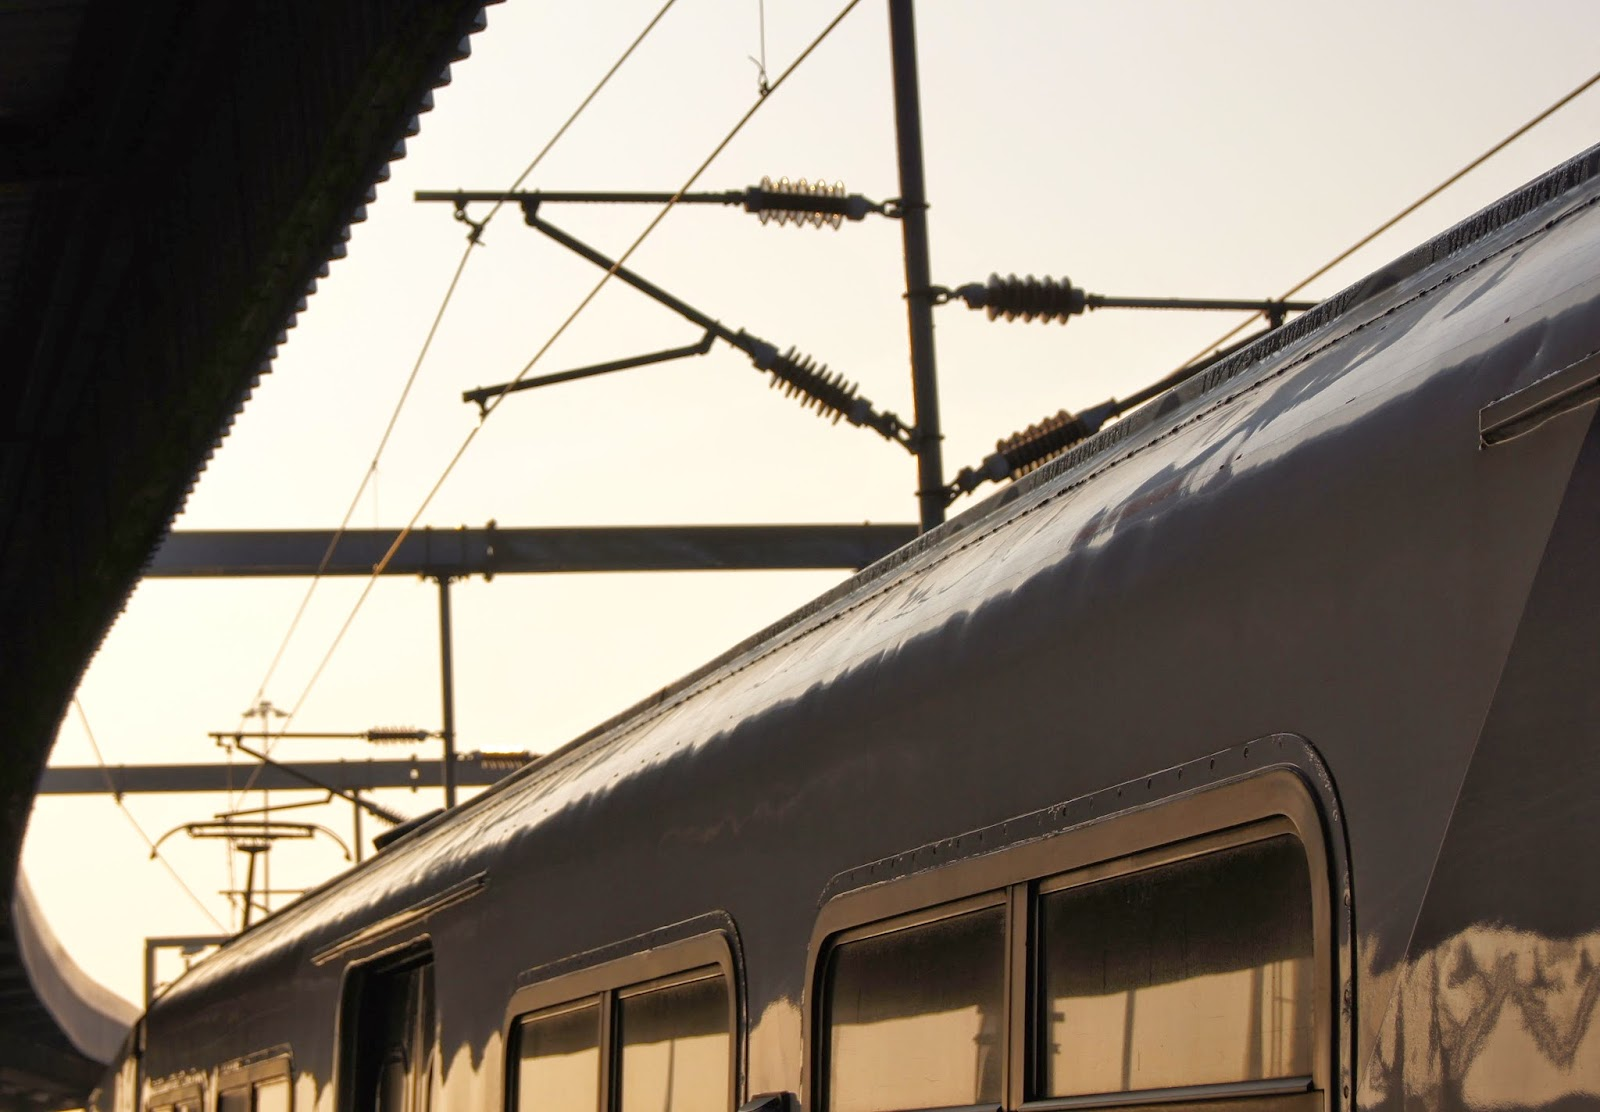 Personenzug steht am Bahnhof, die Sonne geht auf und man erkennt die Silhouette des Zuges.